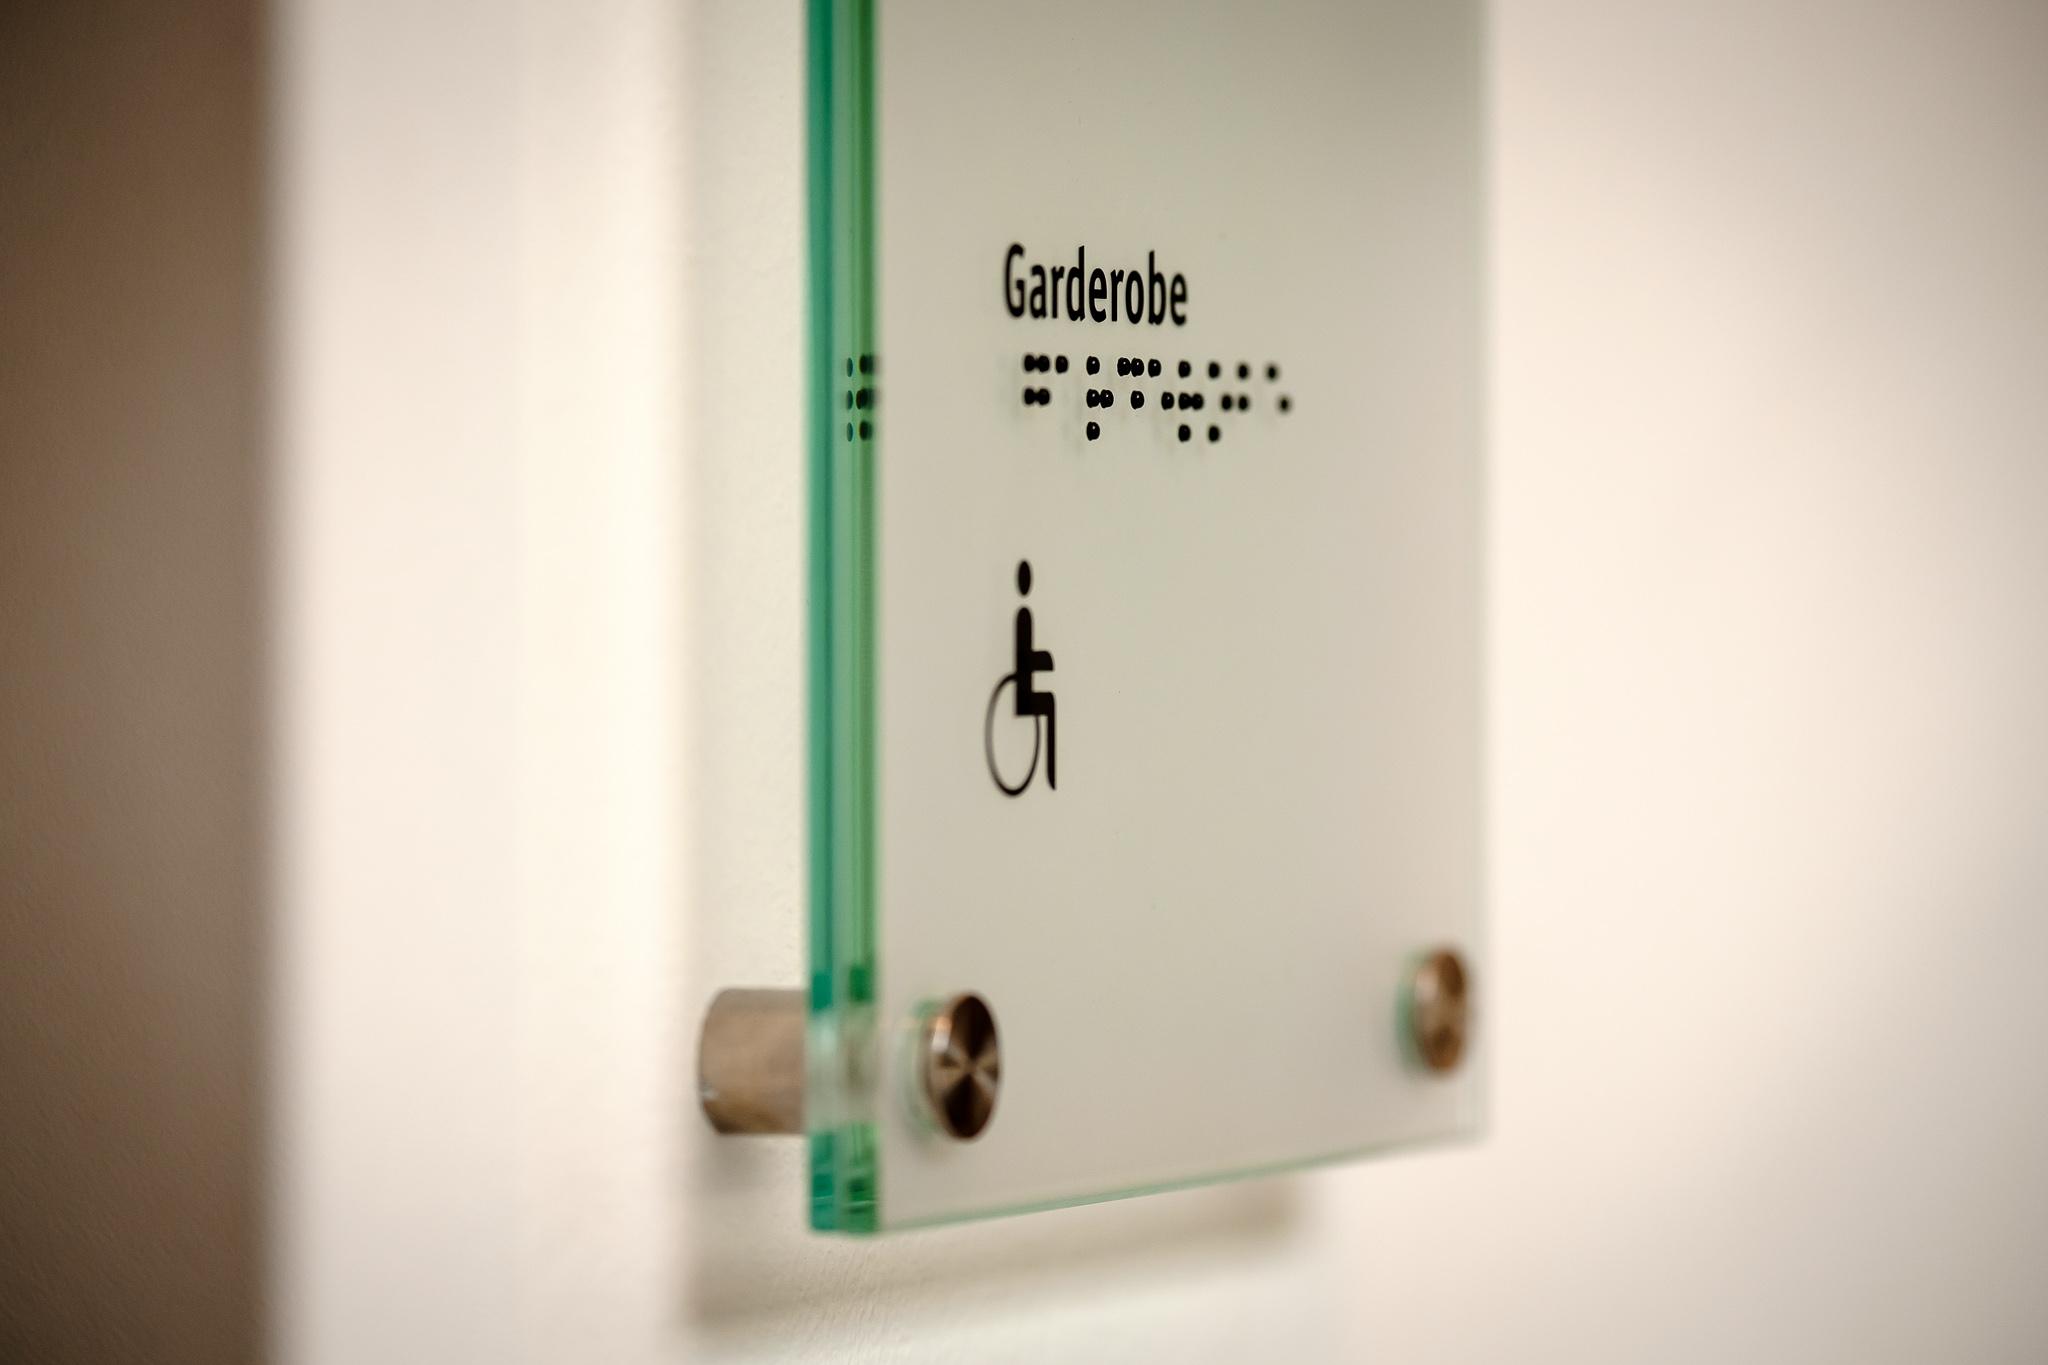 Ein Schild aus Glas mit schwarzer Markierung. Darauf das Rollstuhl-Symbol für die behindertengerechte Toilette und die Überschrift Garderobe. Darunter auch in Braille-Schrift.